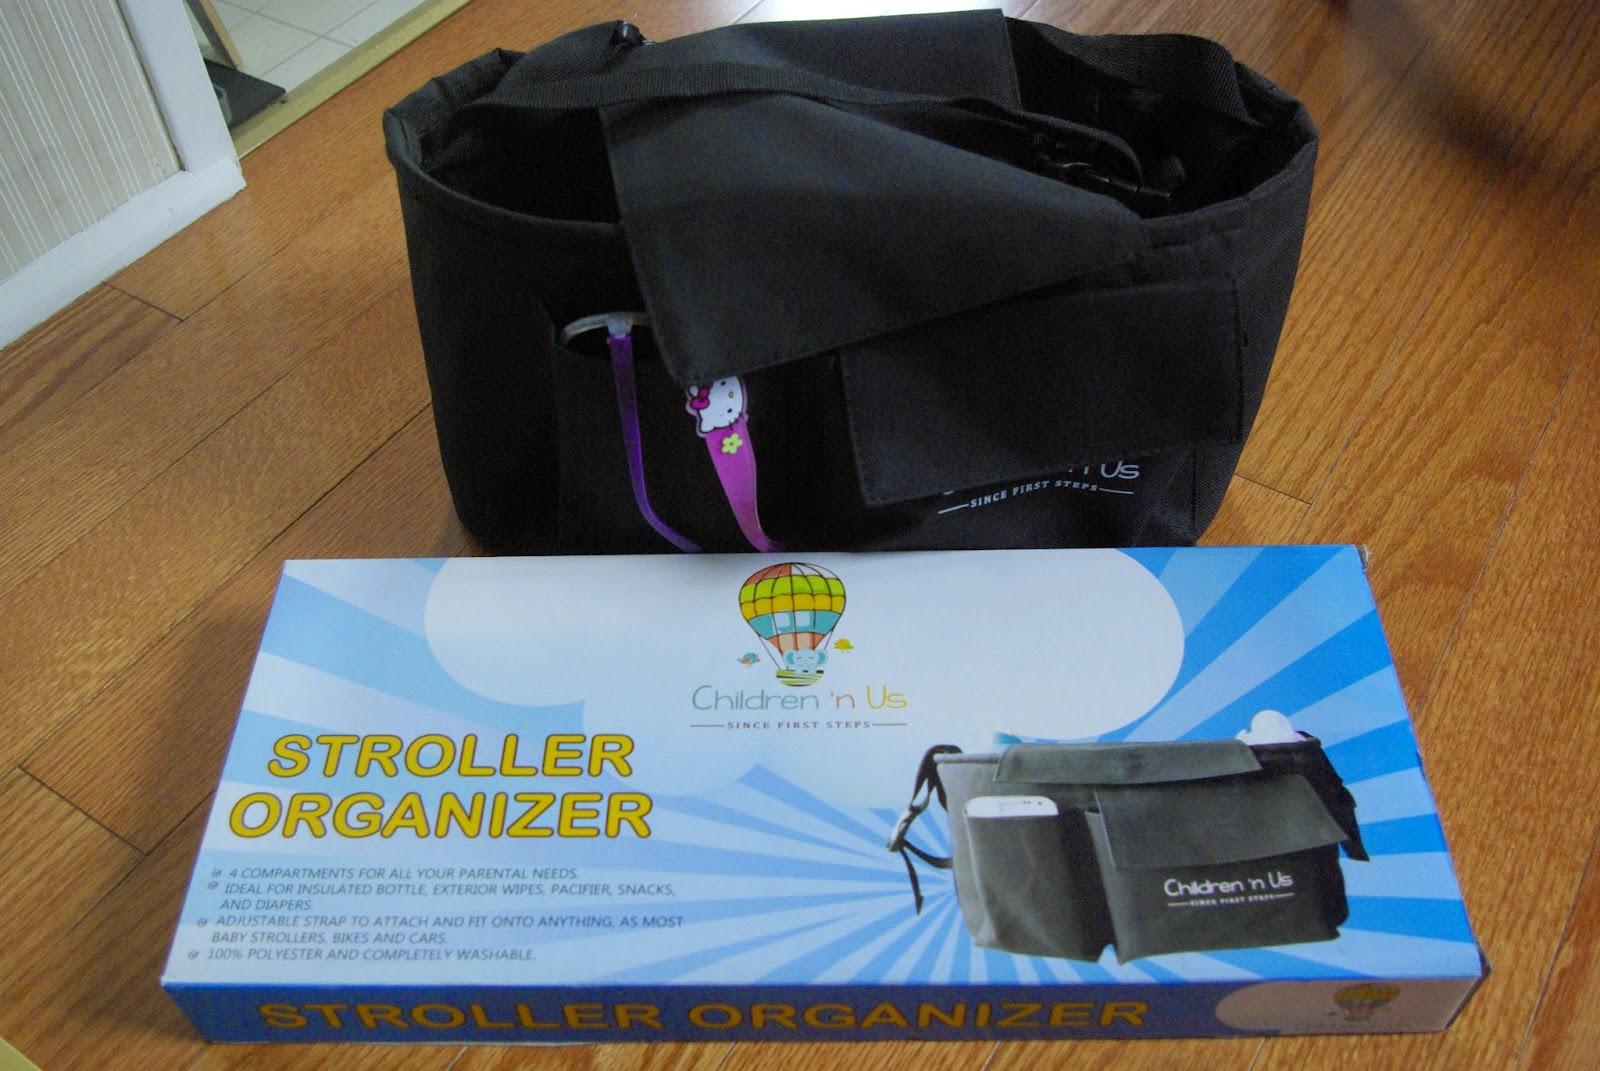 Children 'n Us Stroller Organizer